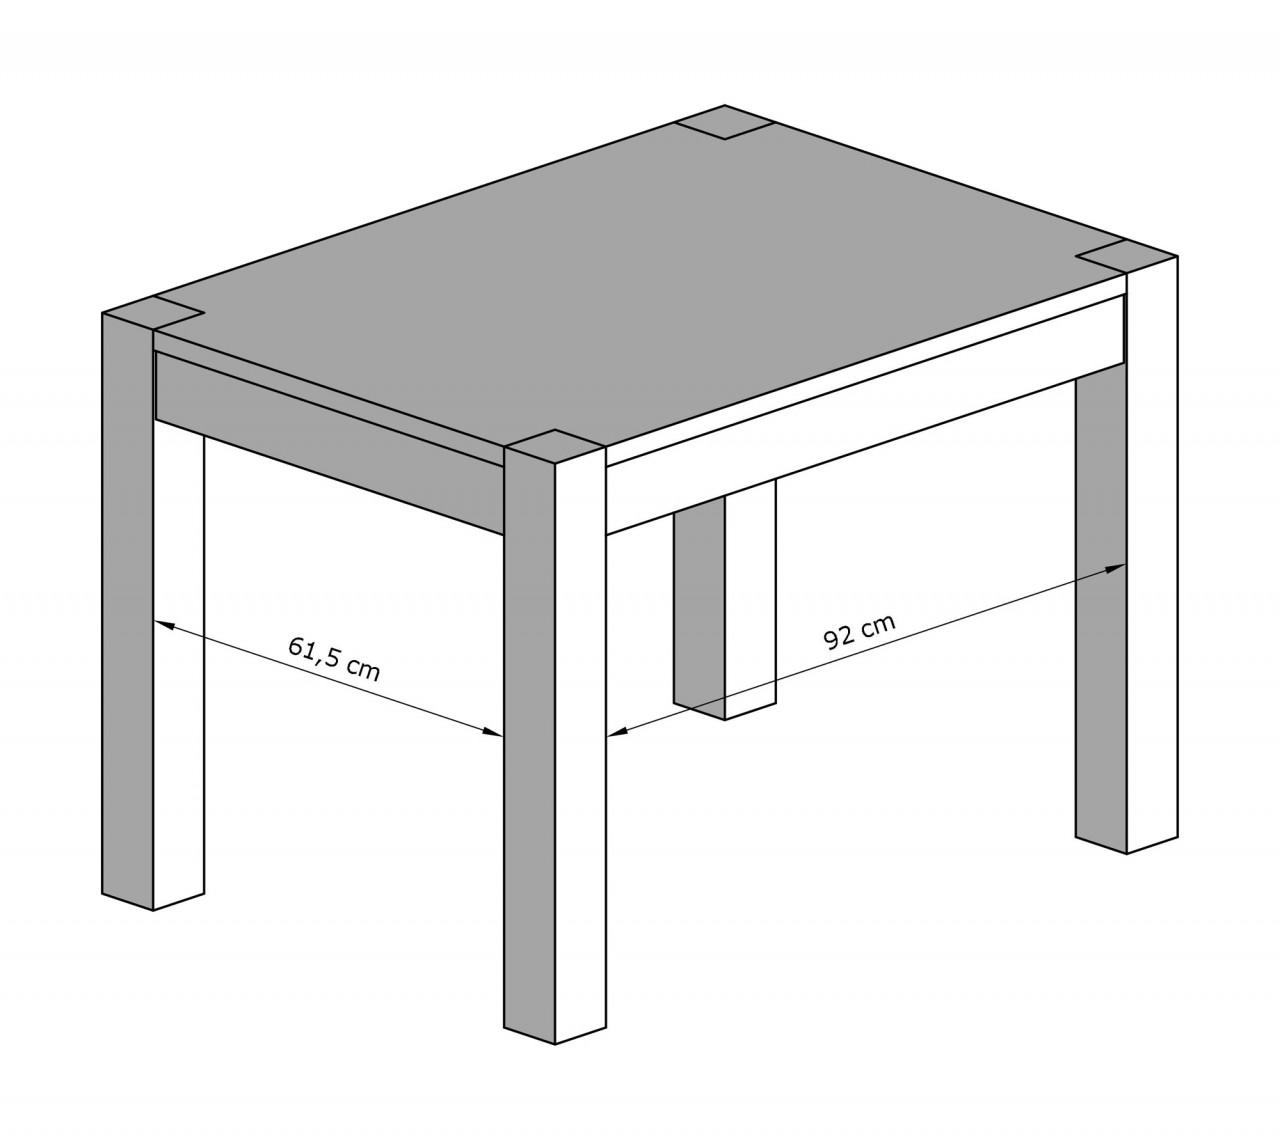 Tavoli in pino tavolo cubo l110 arredamenti rustici - Tavolo per 10 persone misure ...